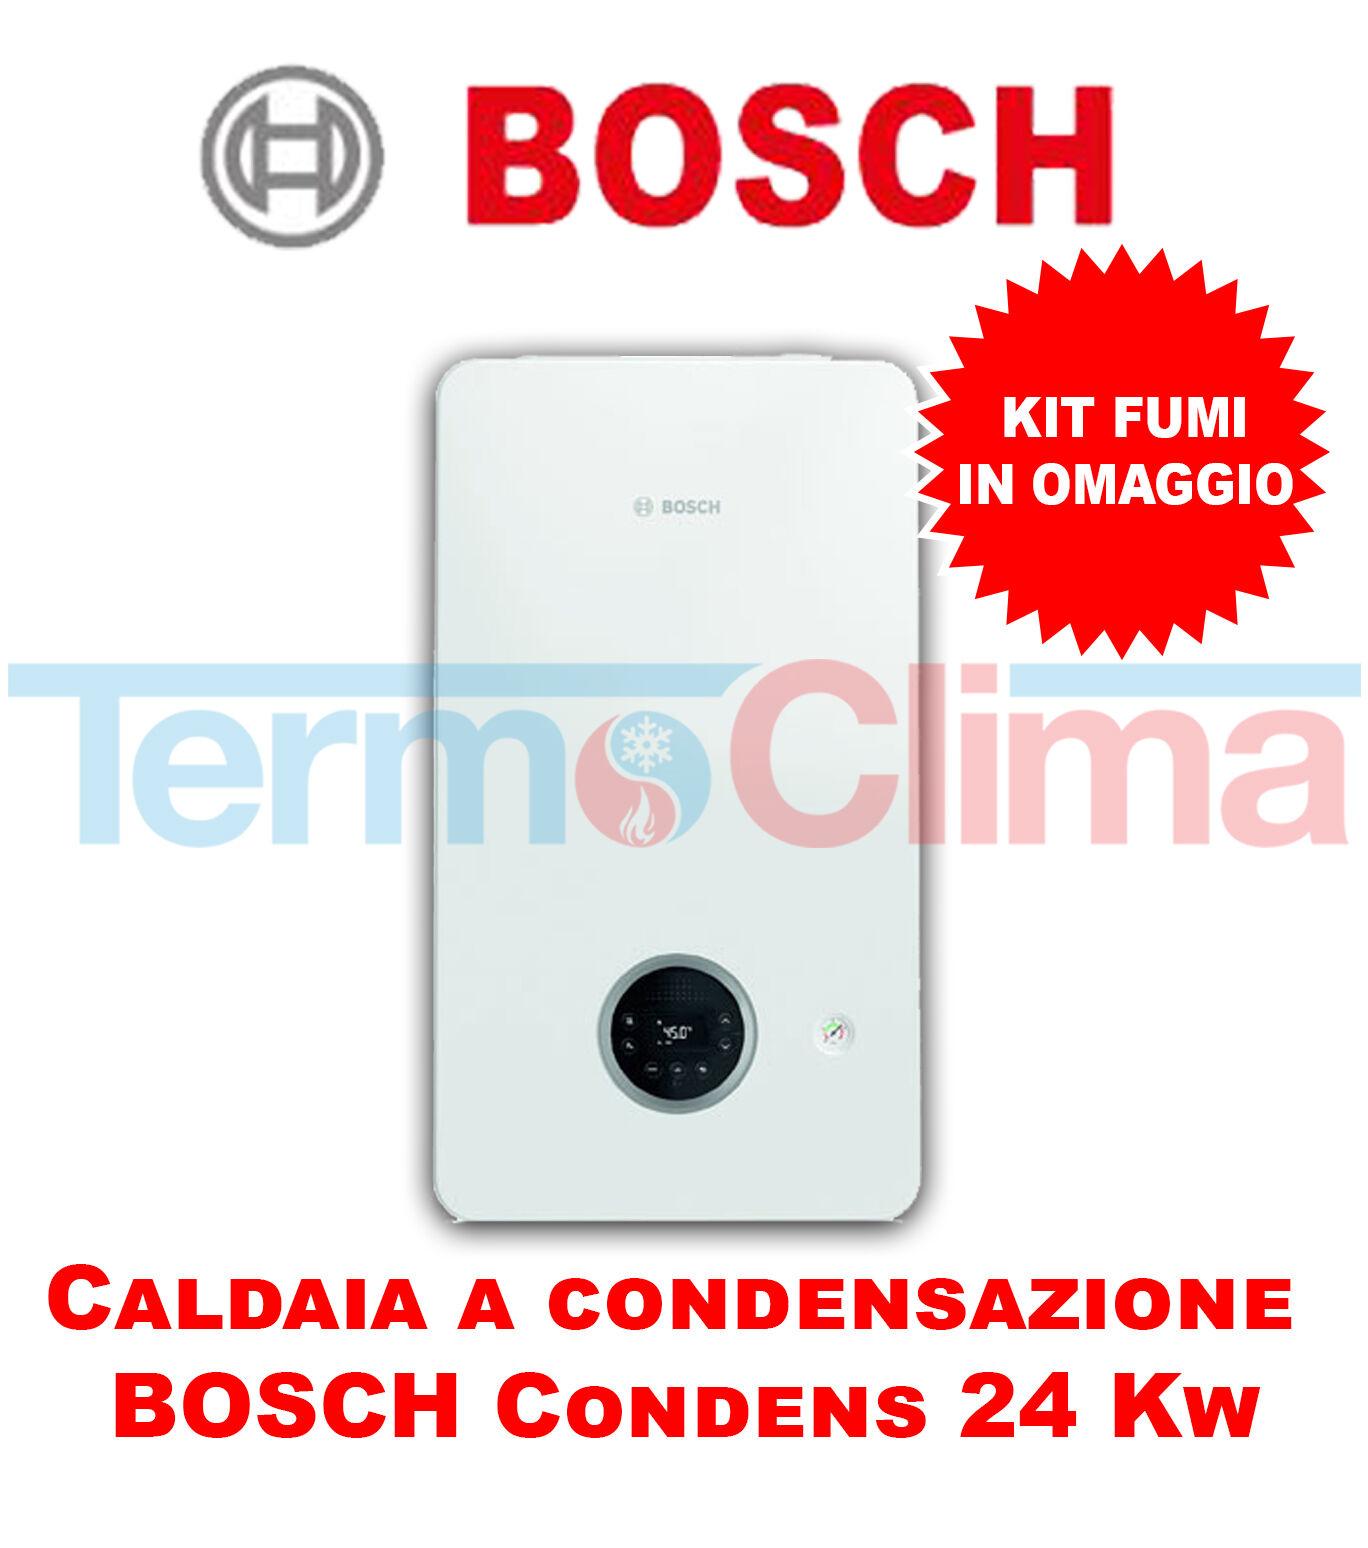 Bosch Caldaia Murale A Condensazione Bosch Condens 2200 W 24 Kw Gc2200w Kit Fumi In Omaggio